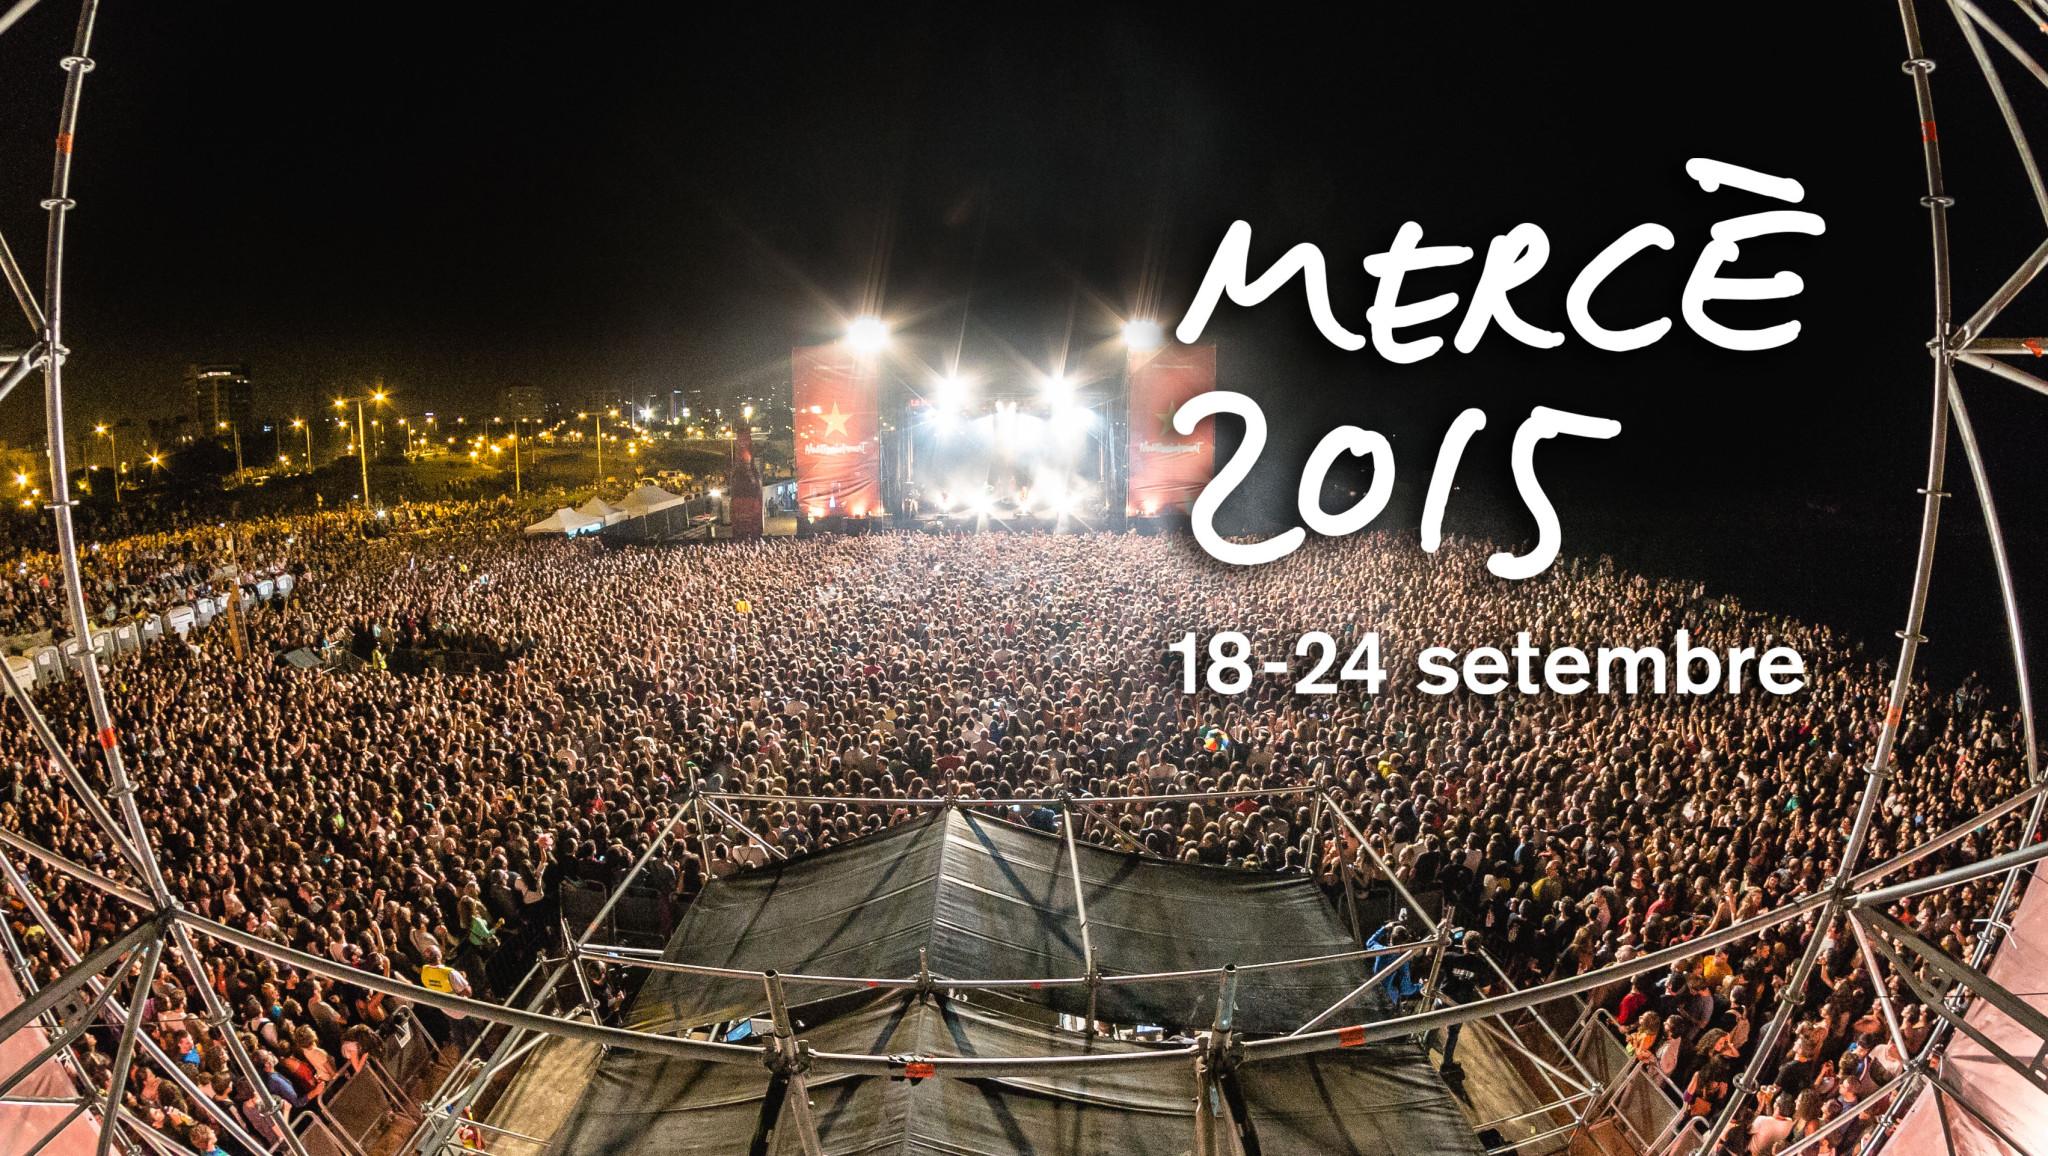 La Mercè 2015